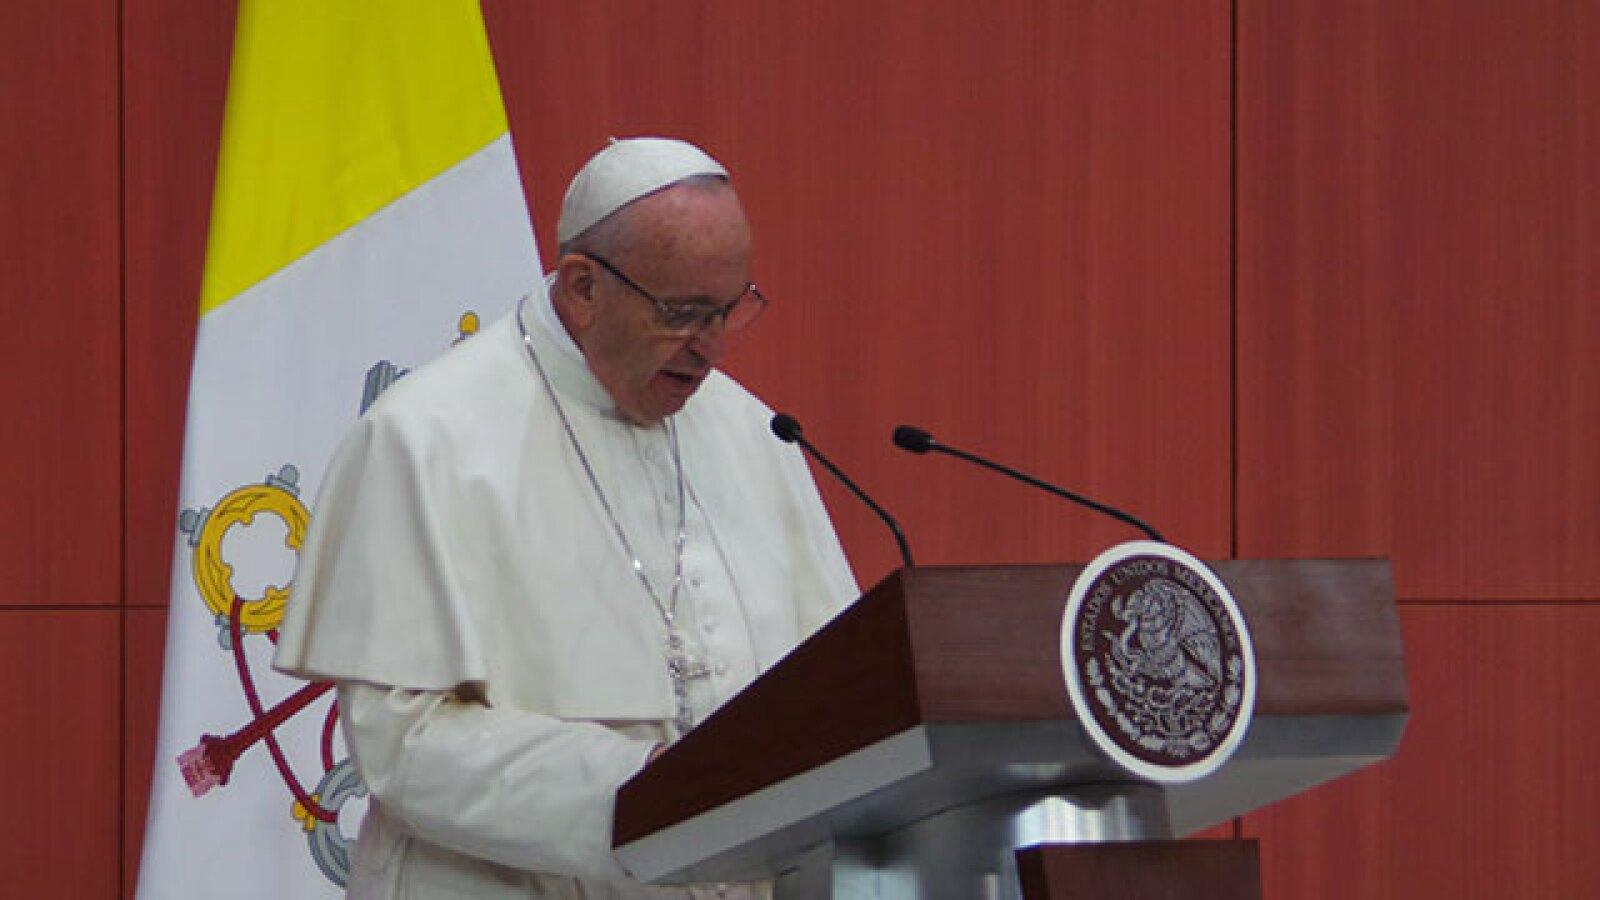 El Papa tomó el micrófono para agredecer y dar unas palabras.